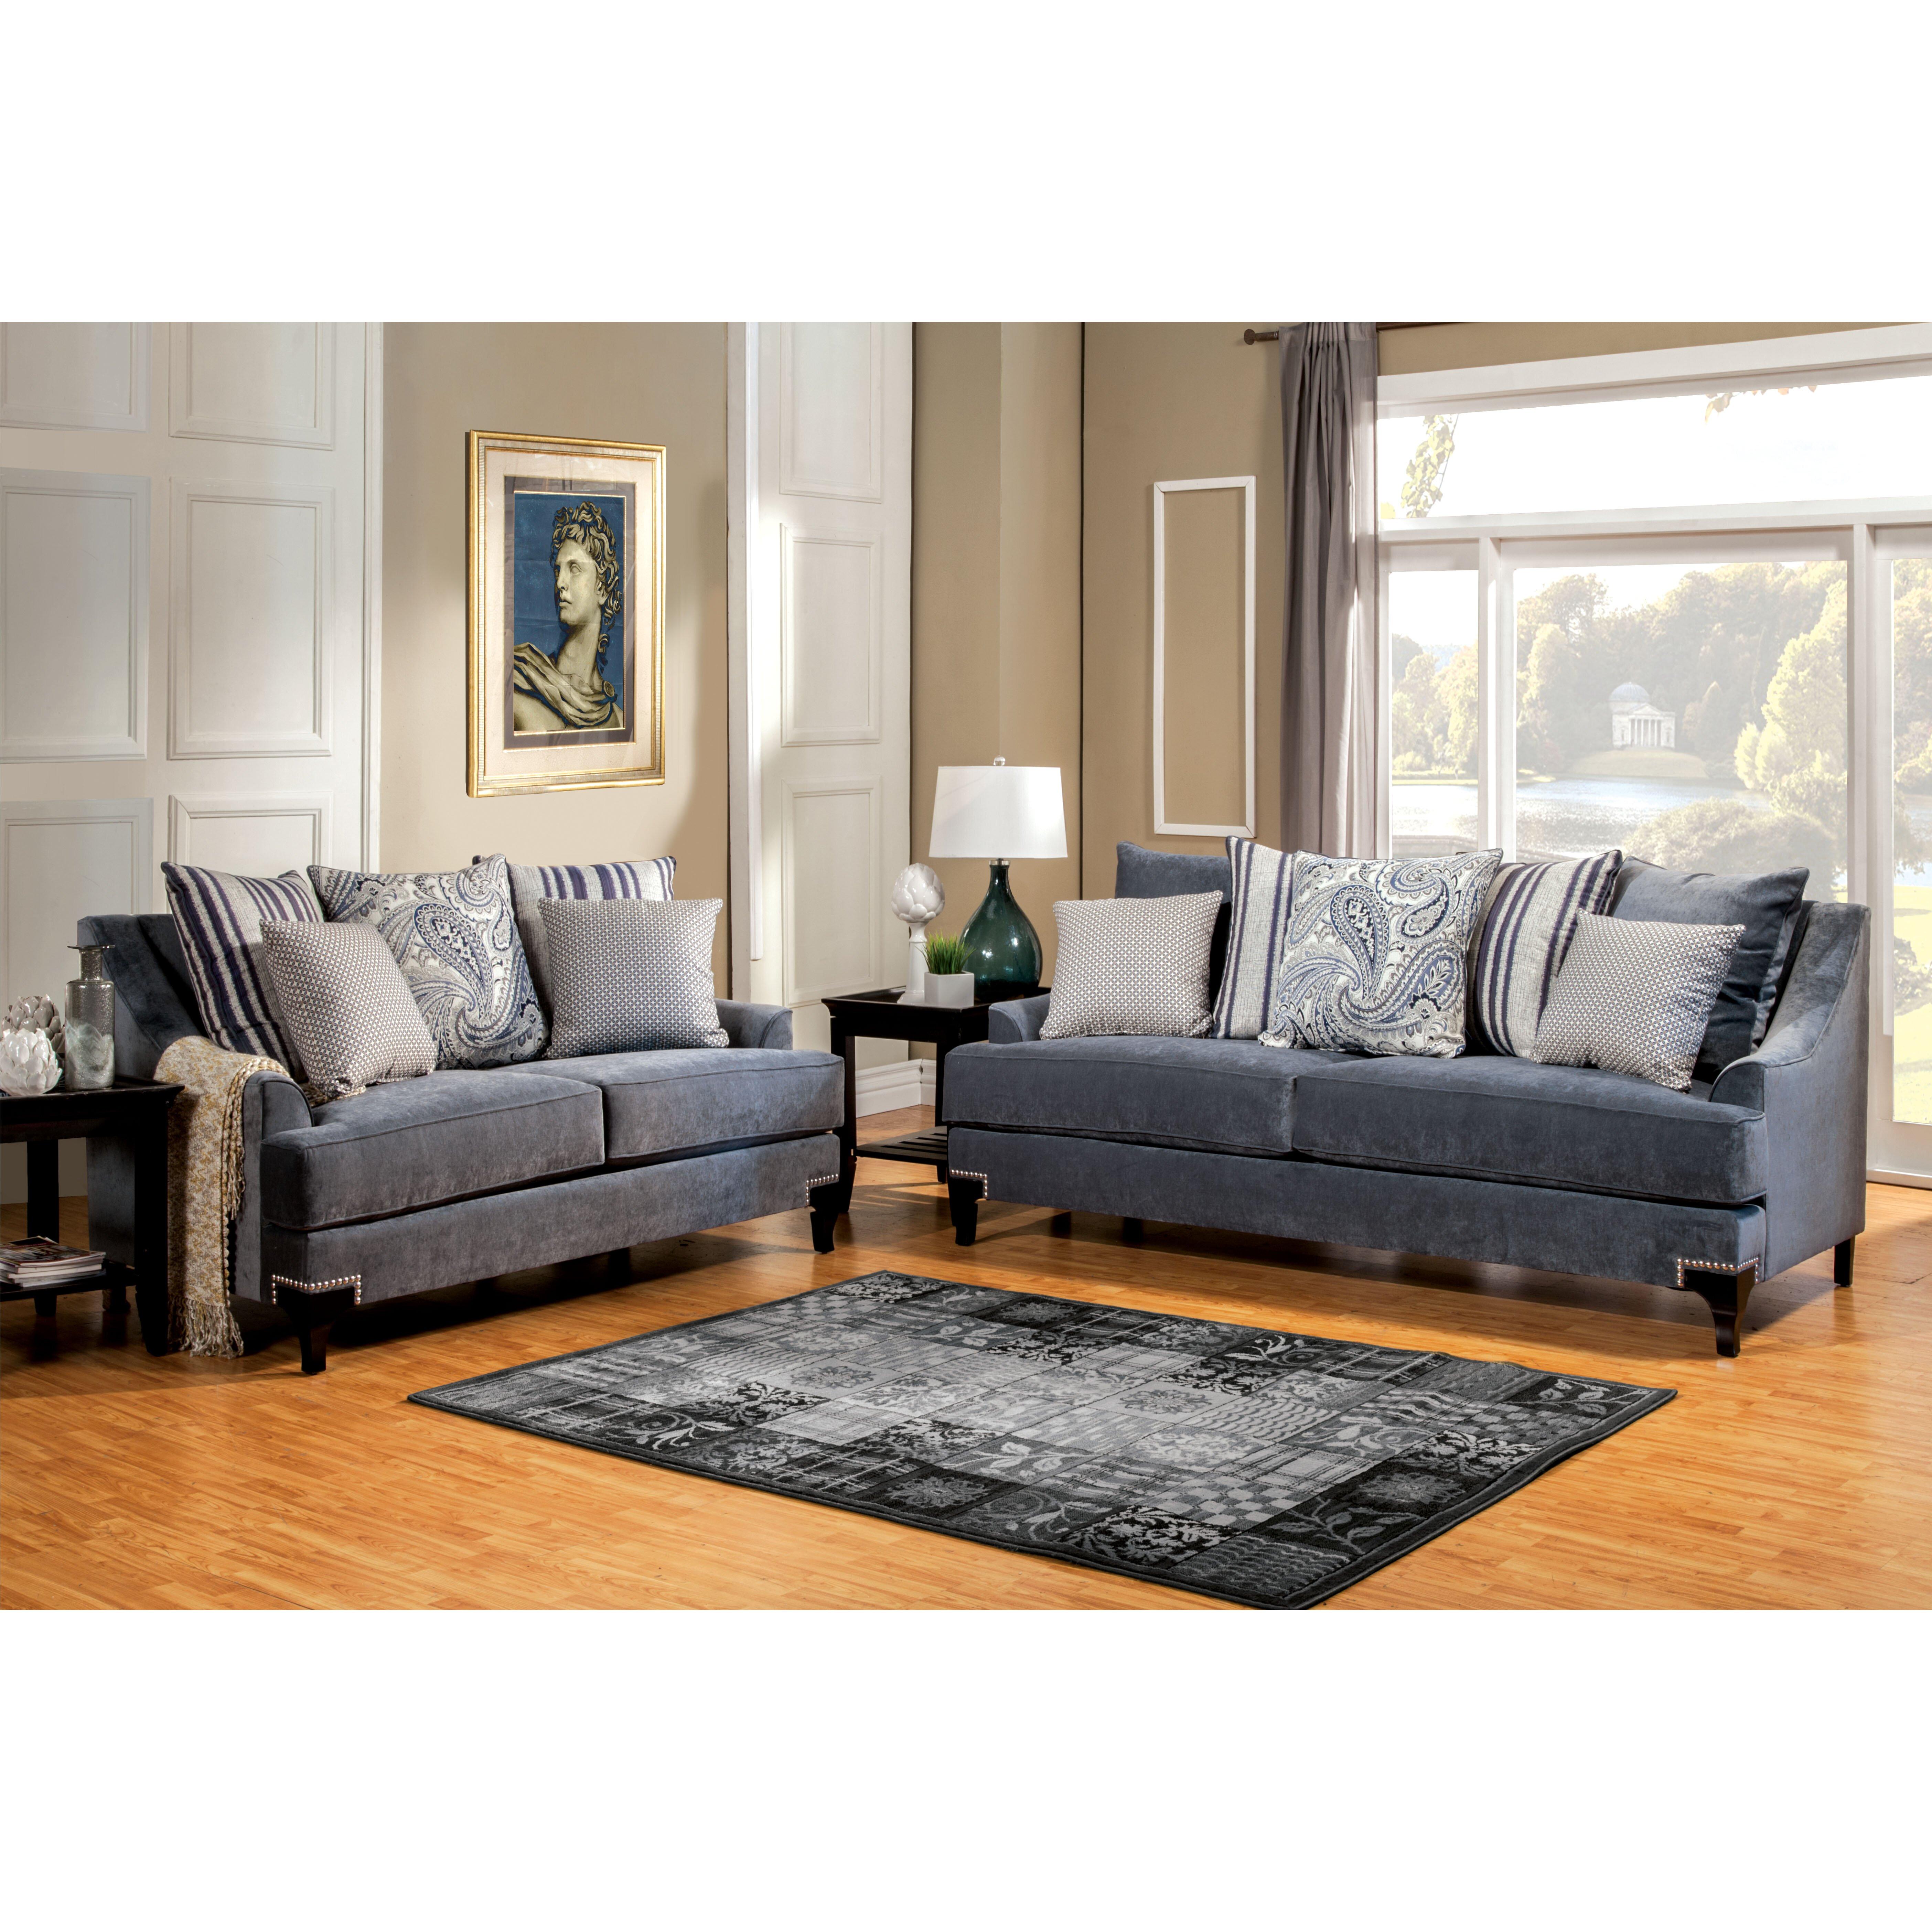 Hokku designs cadence living room collection reviews for Hokku designs living room furniture